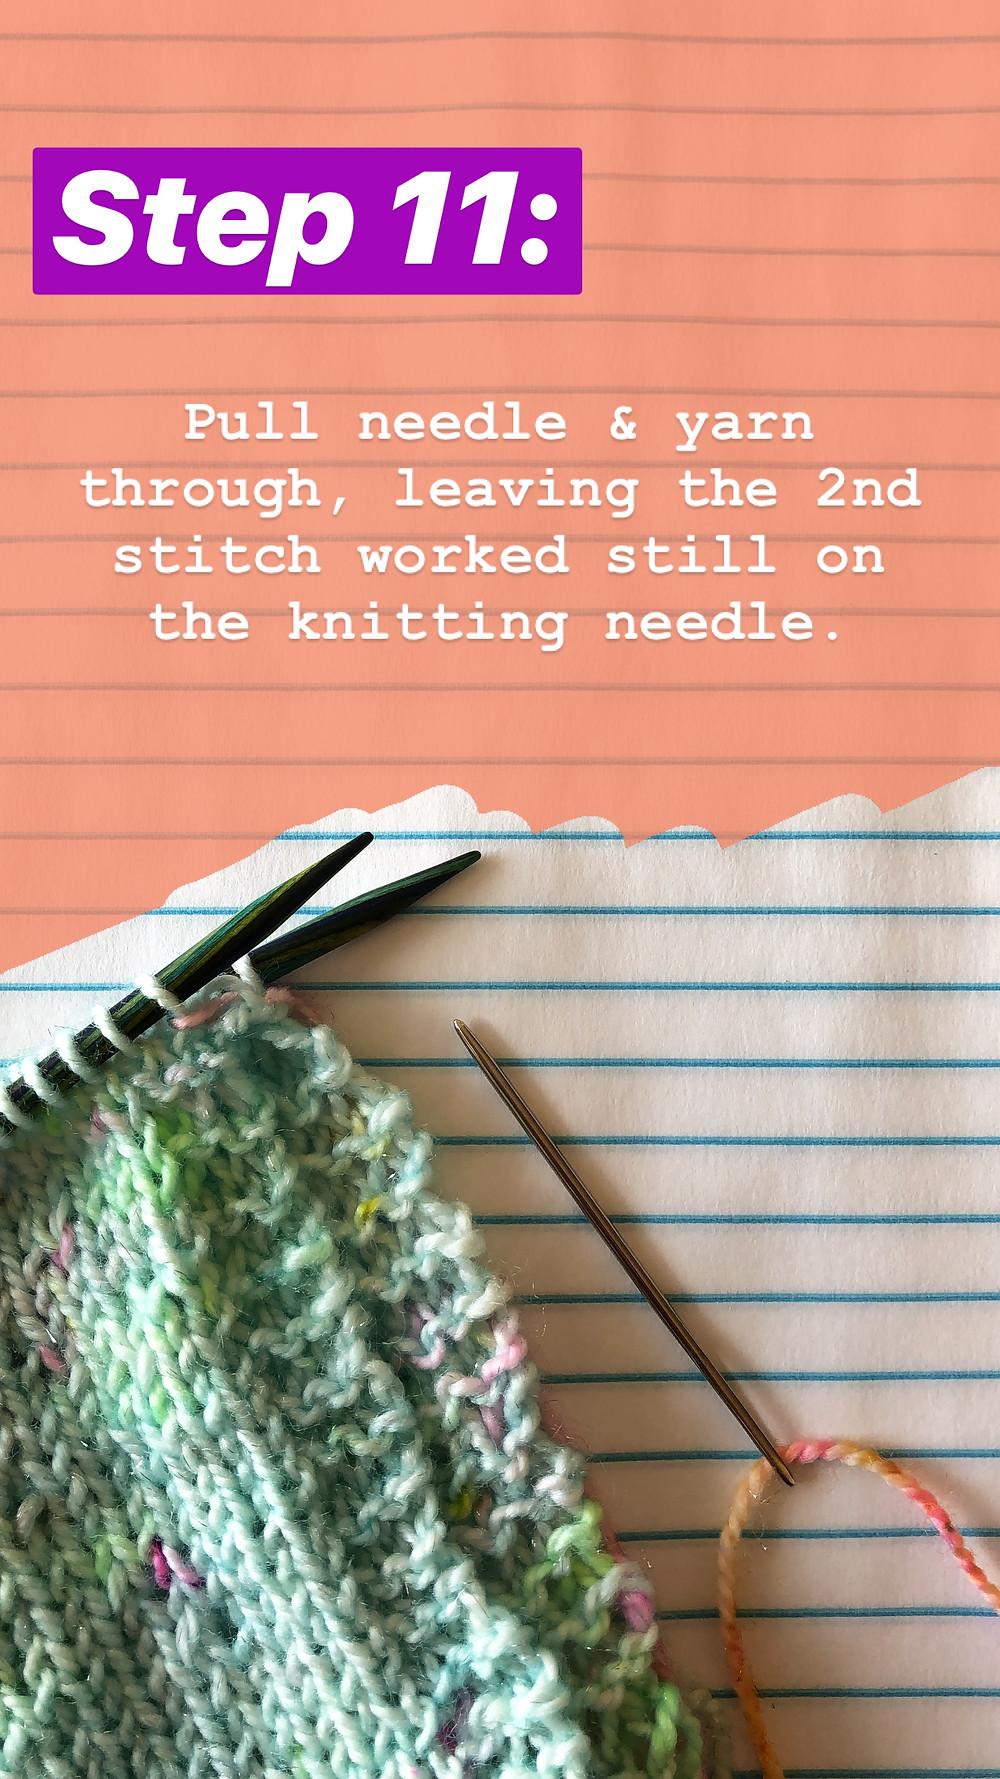 Easy Grafting / Kitchener Stitch Tutorial Step 11